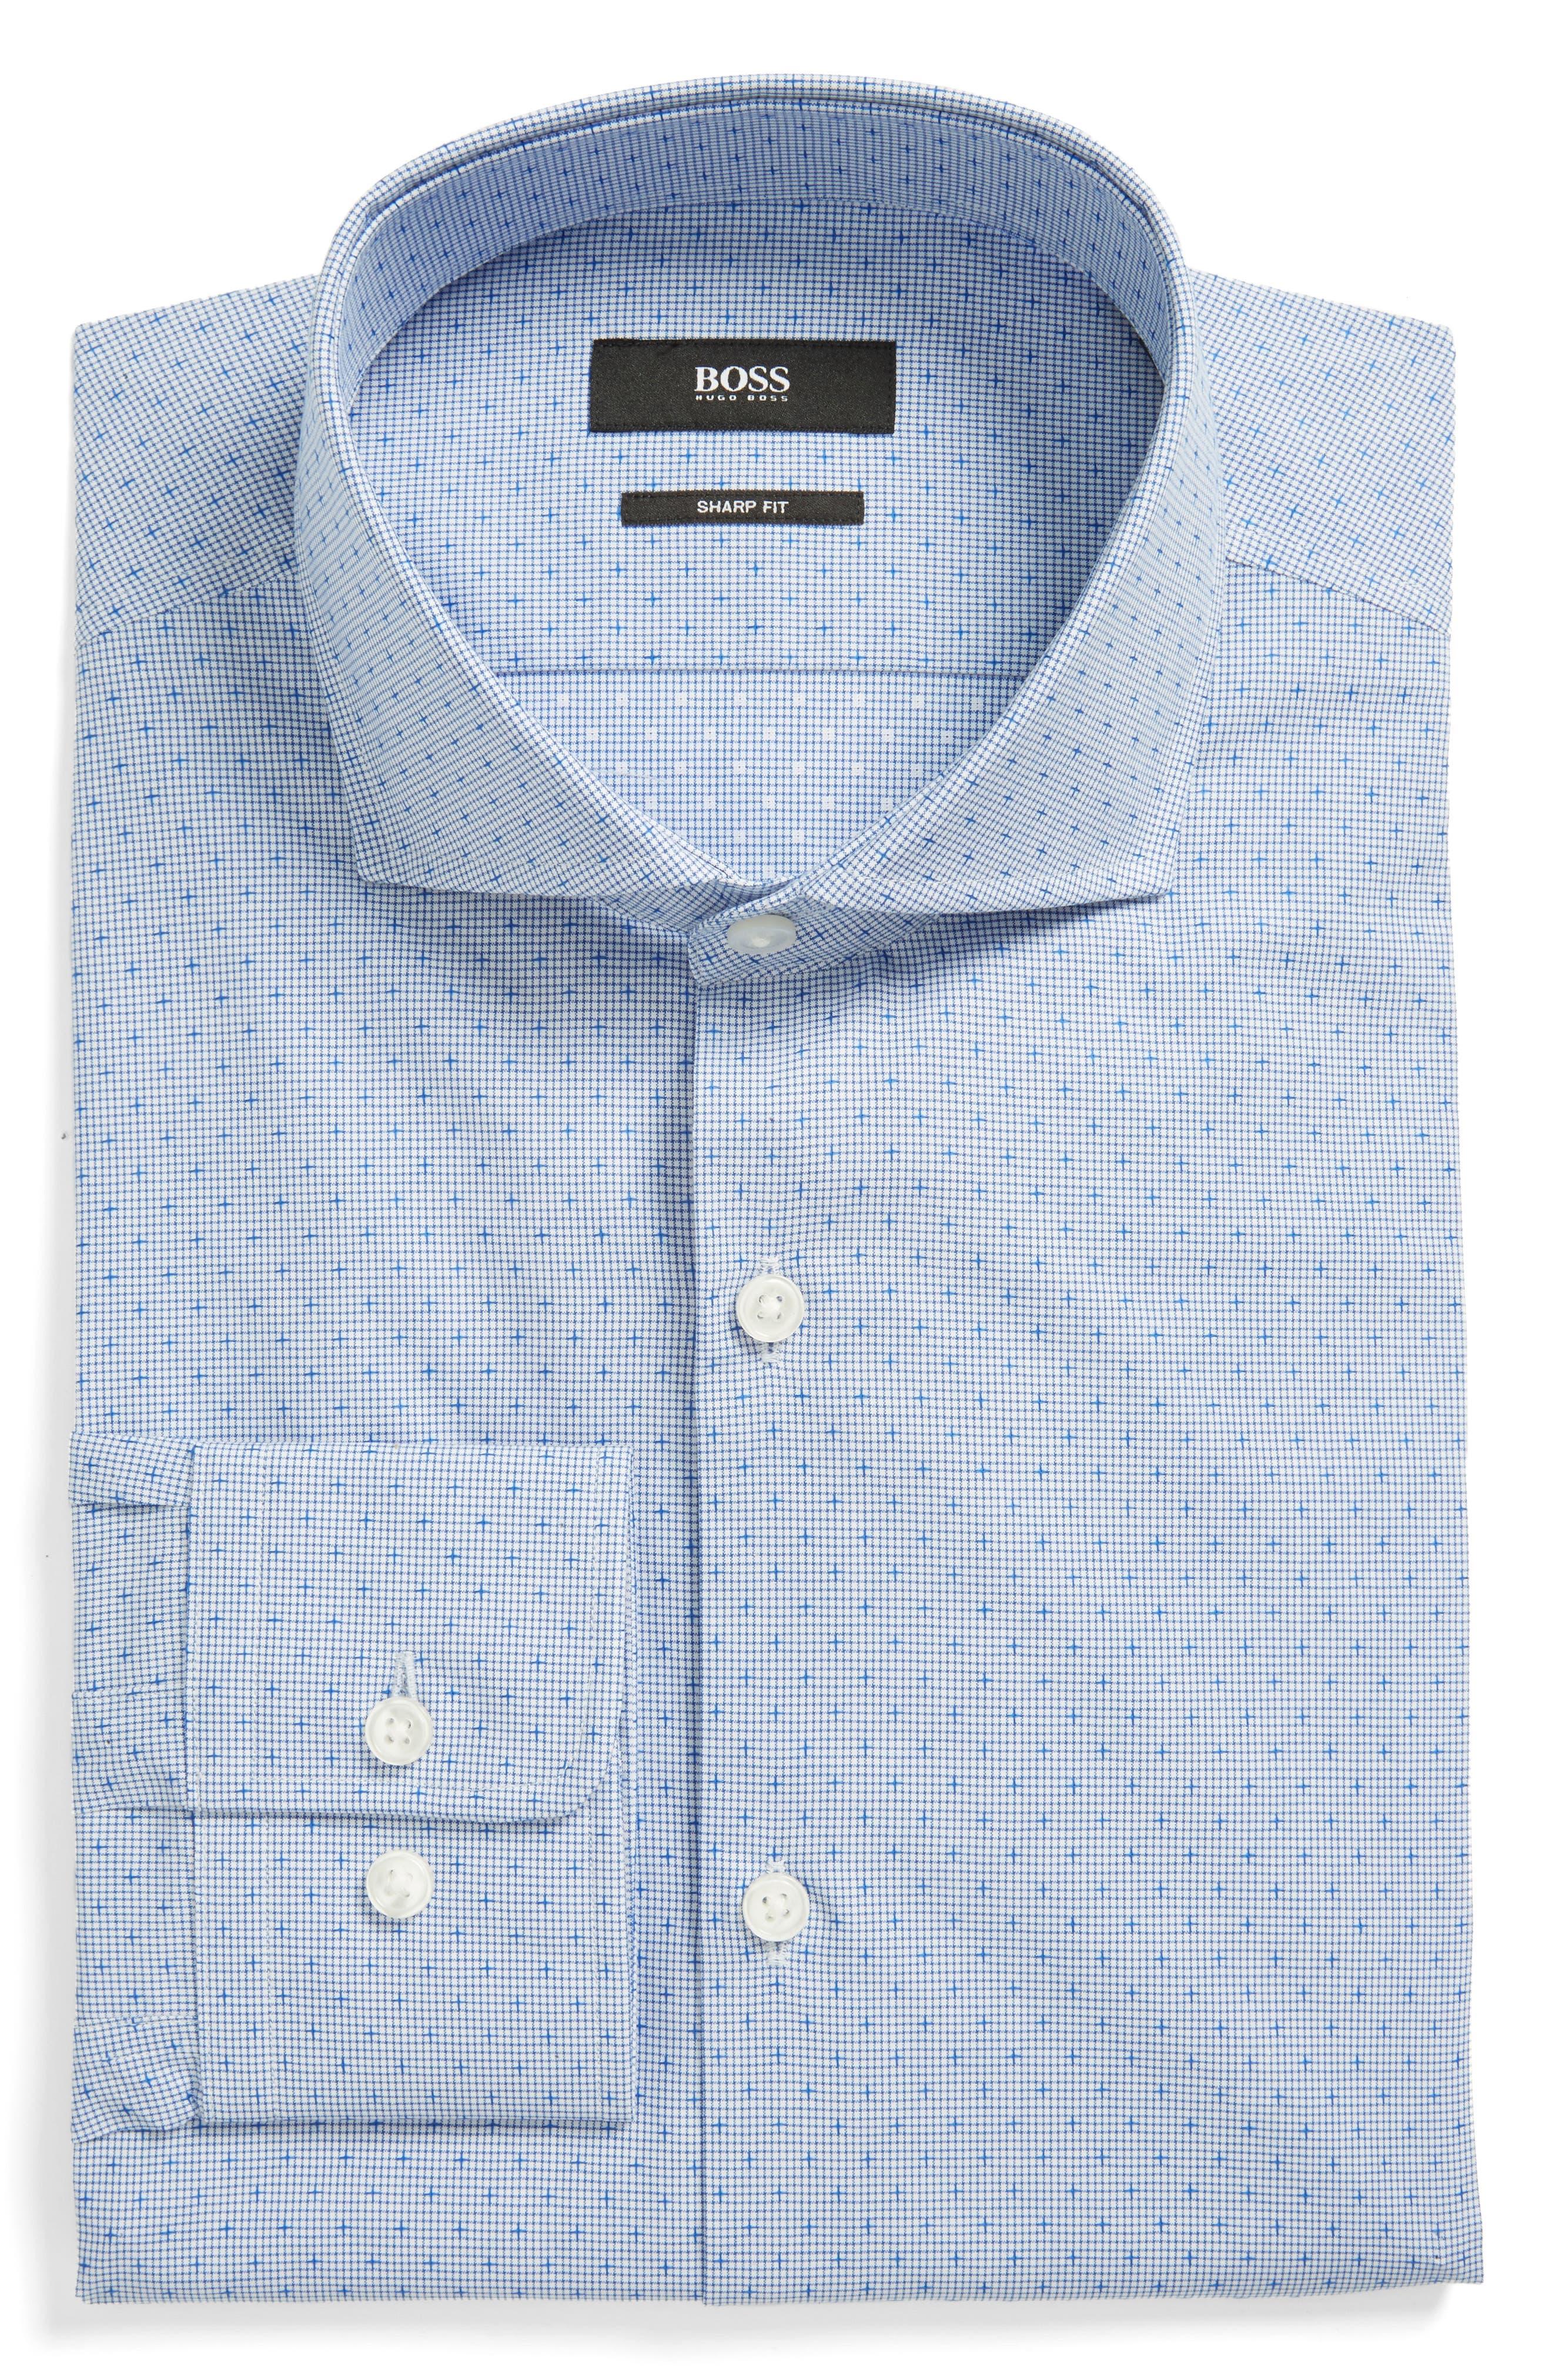 Alternate Image 1 Selected - BOSS Mark Sharp Fit Dobby Dress Shirt